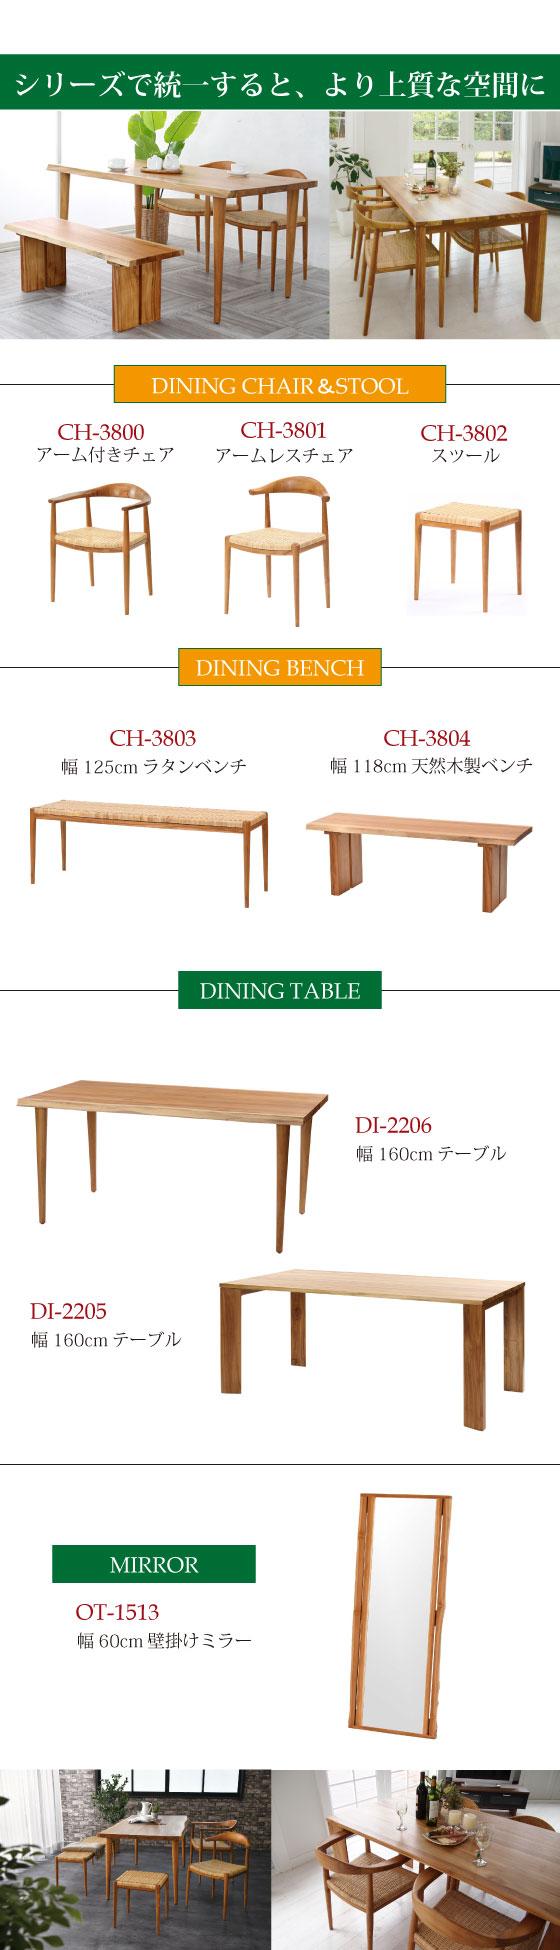 幅160cm・天然木チーク無垢製ダイニングテーブル